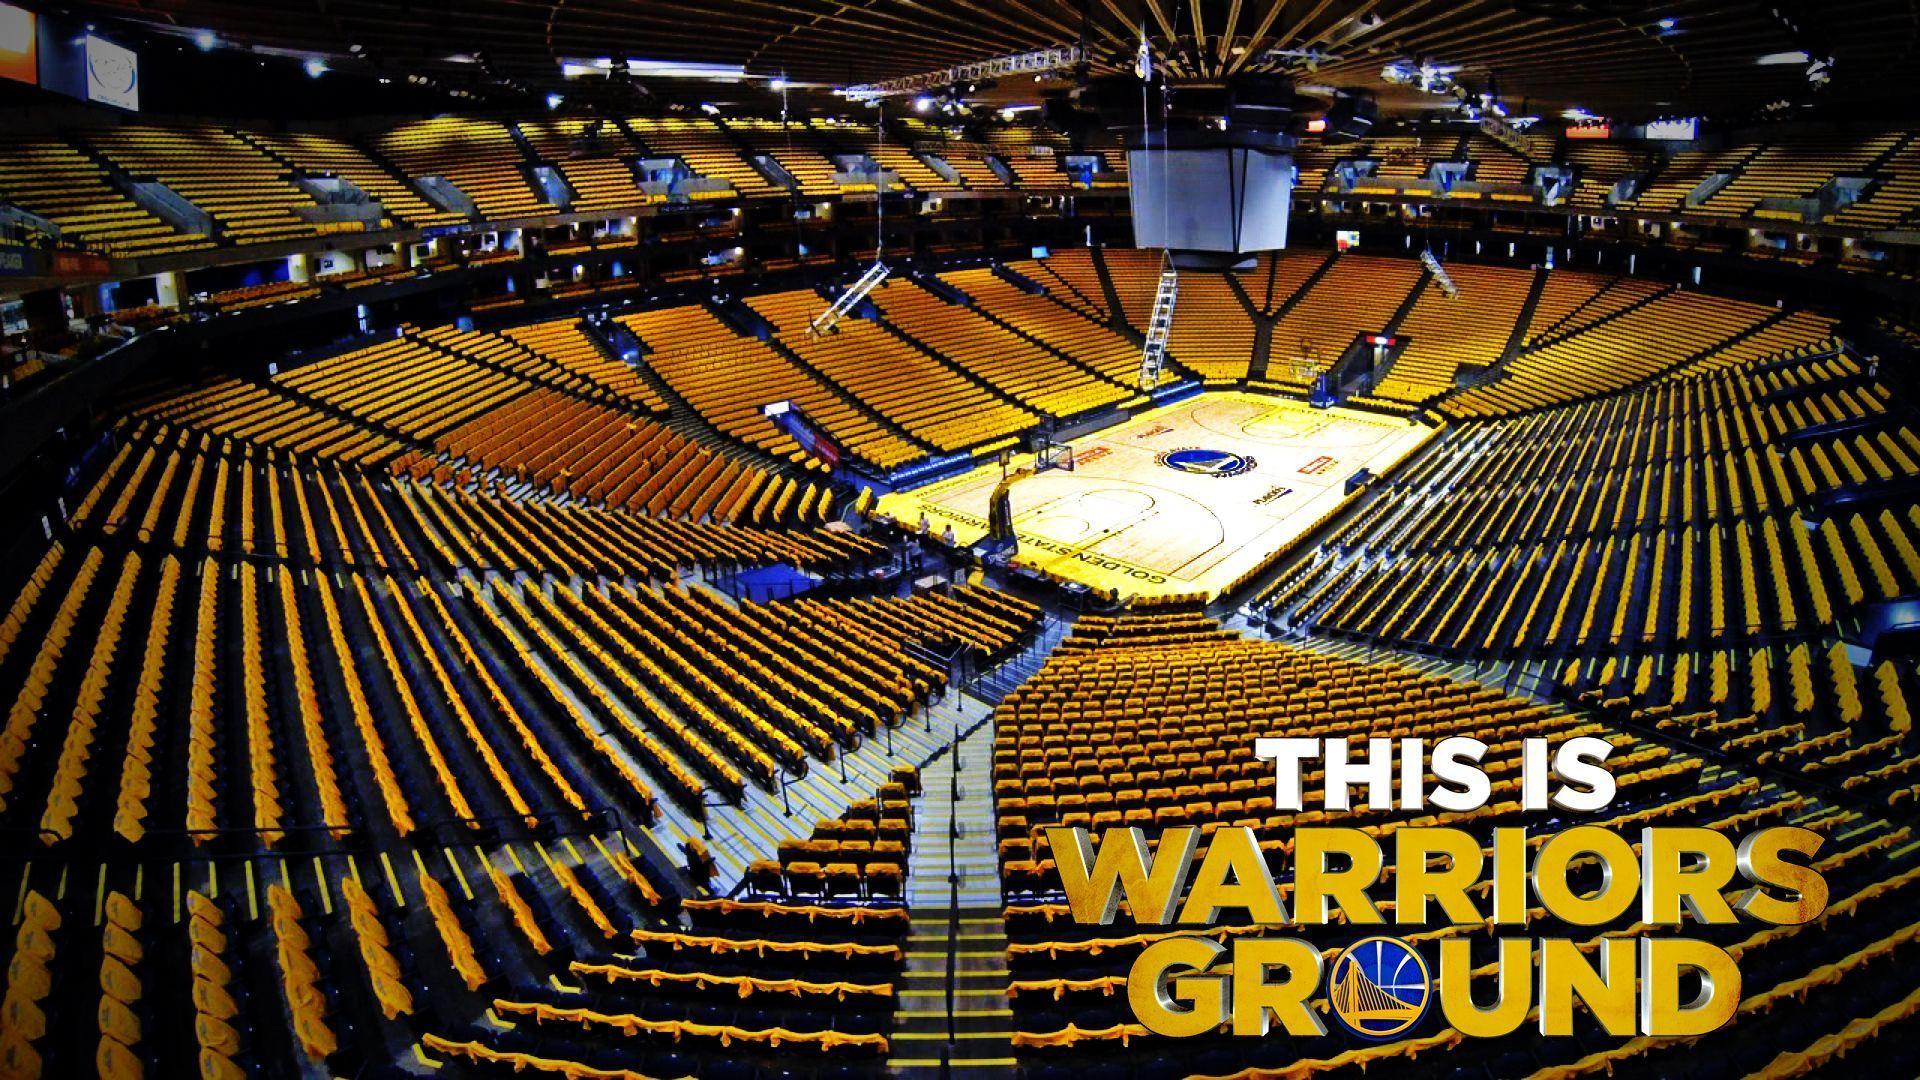 Simple Wallpaper Logo Golden State Warriors - 55cfbf0844c826d697e8d5353a50b6cb  Image_651349.jpg